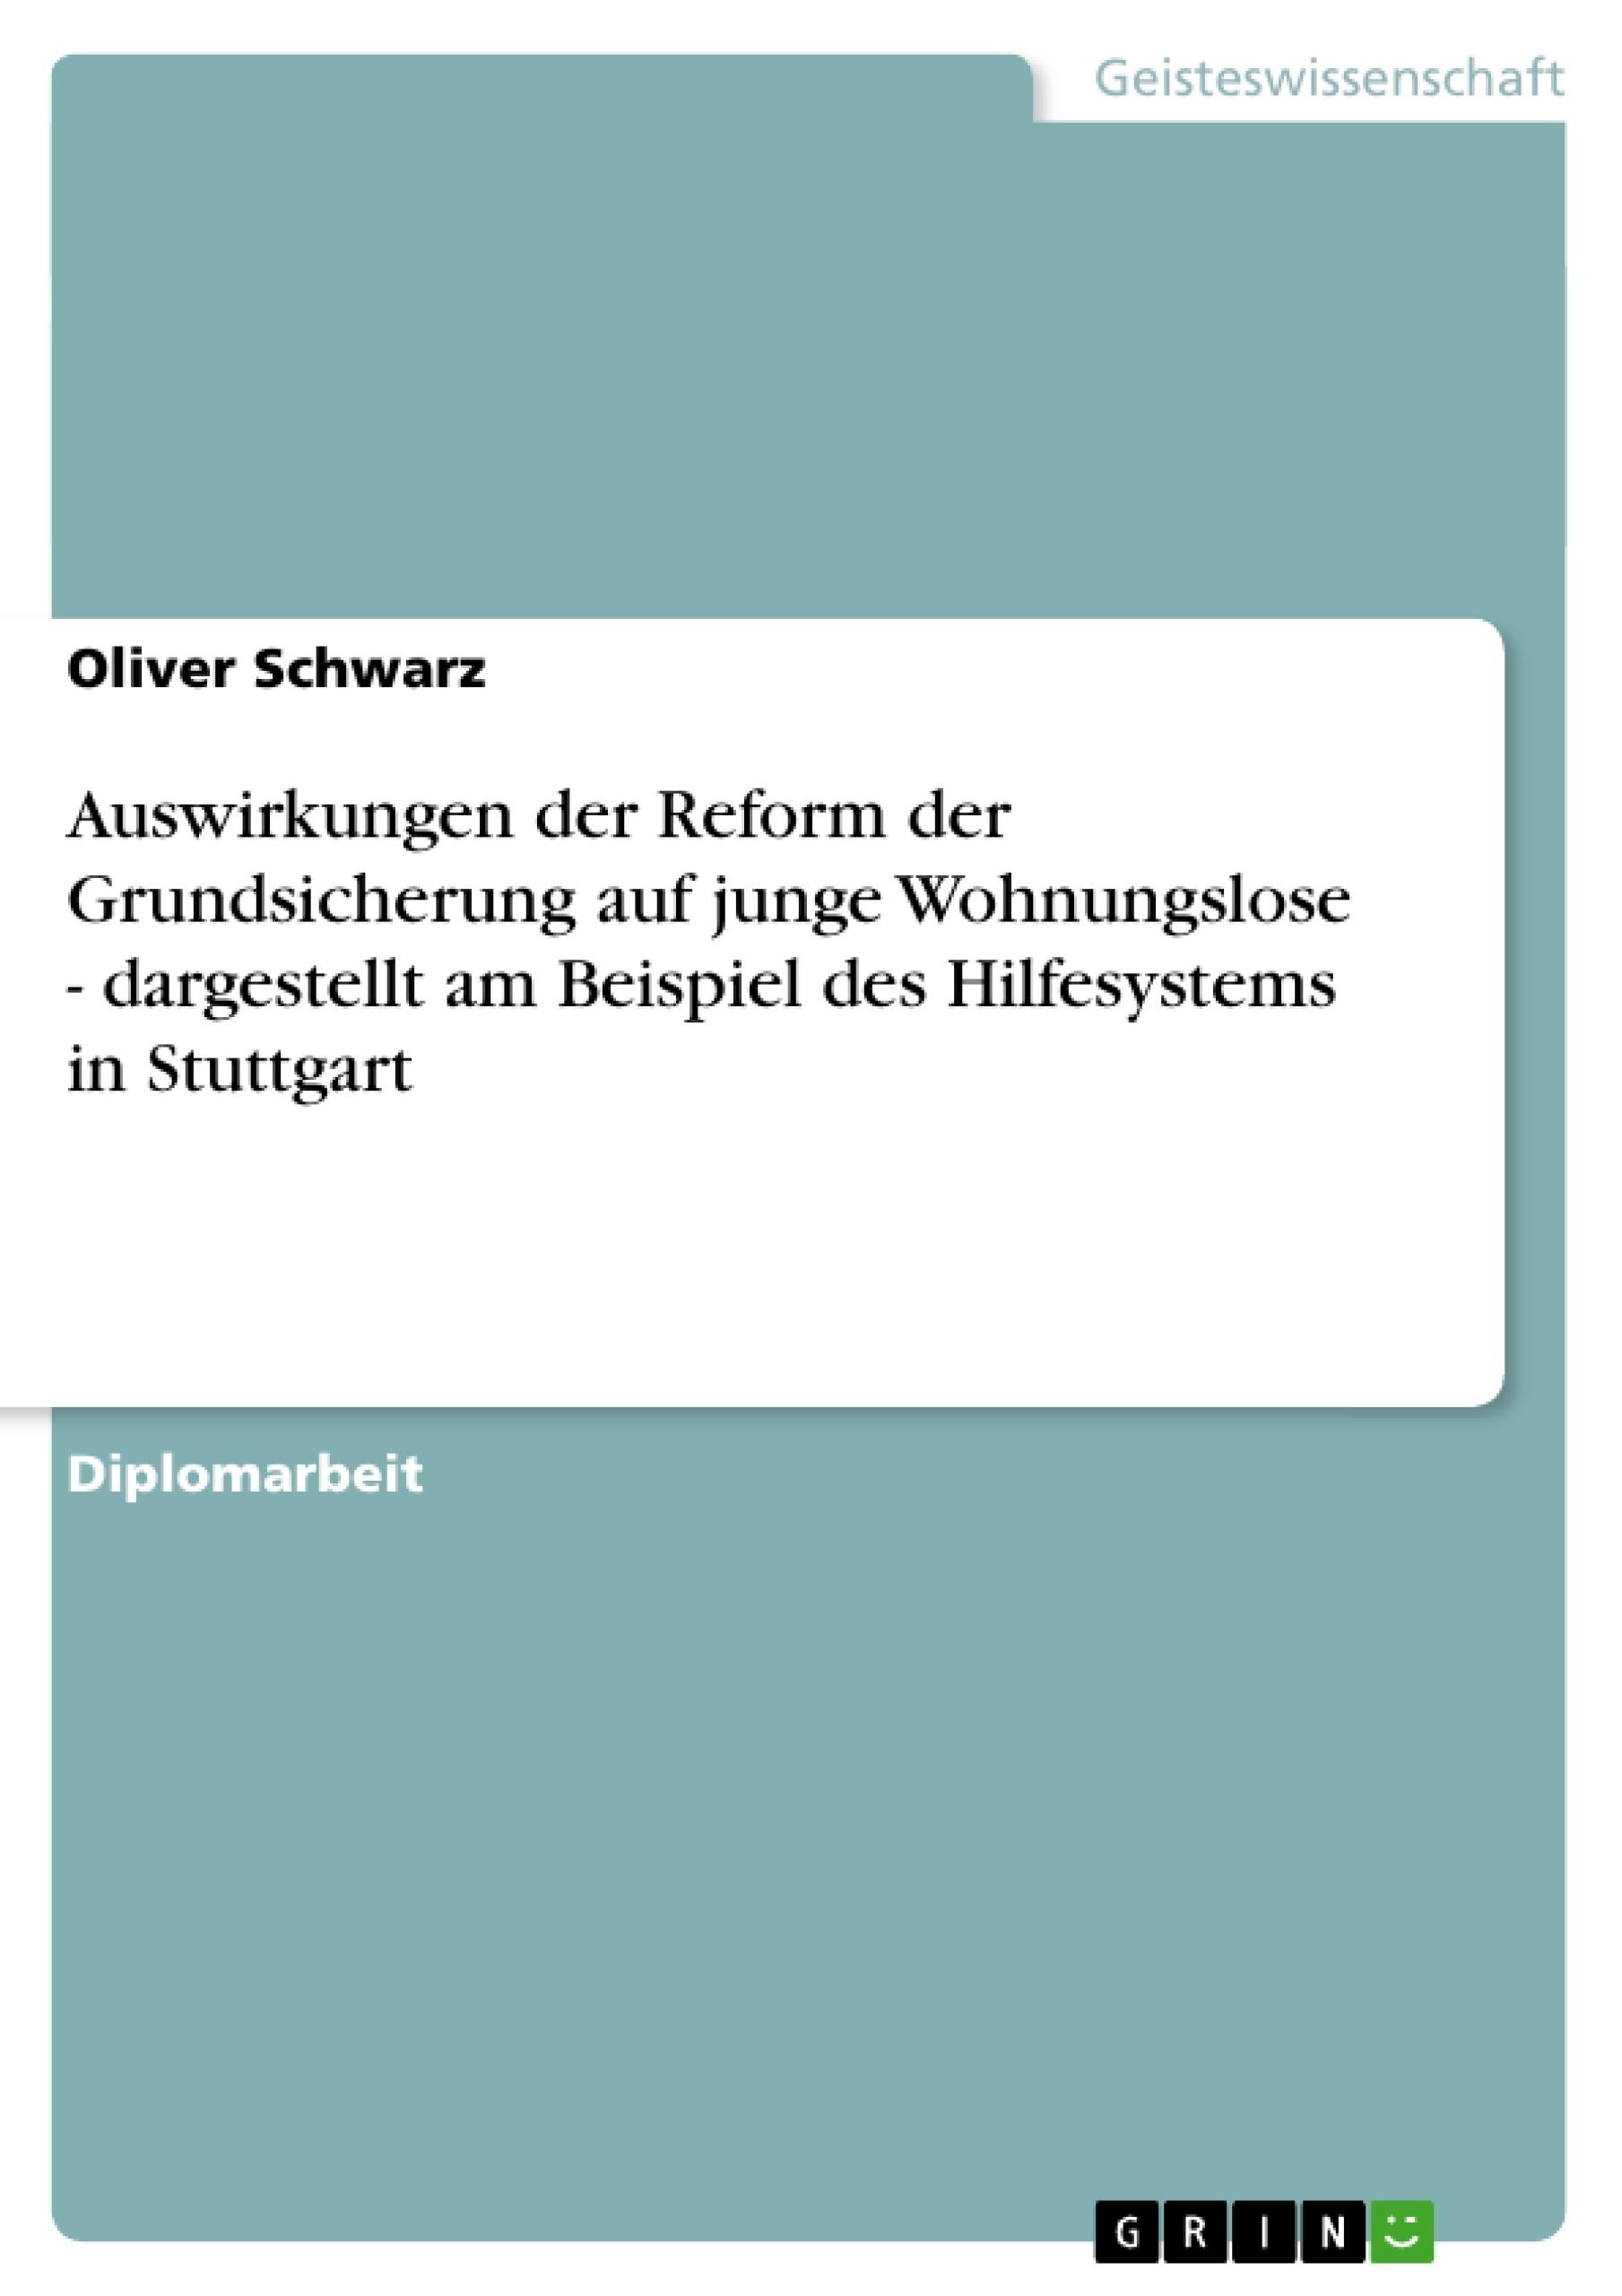 Titel: Auswirkungen der Reform der Grundsicherung auf junge Wohnungslose - dargestellt am Beispiel des Hilfesystems in Stuttgart